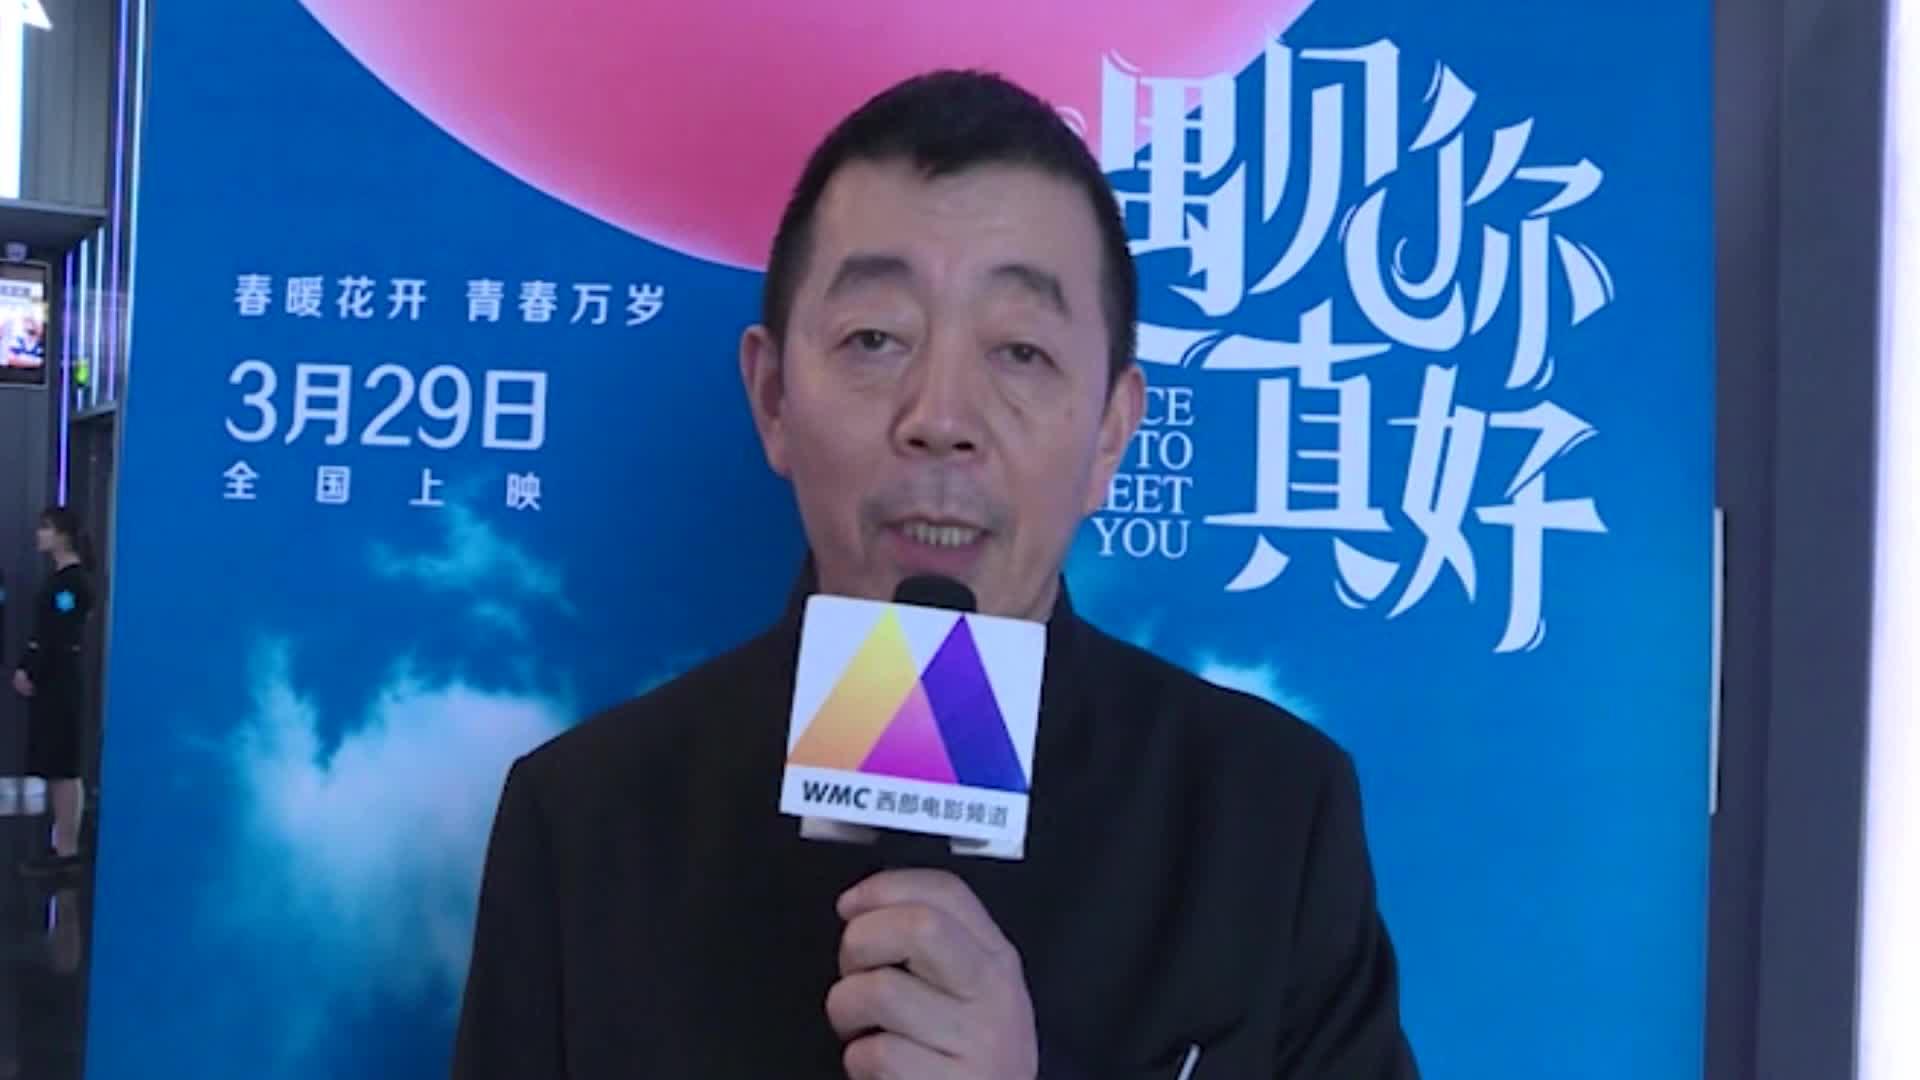 顾长卫凌潇肃等明星大咖祝福西影60周年